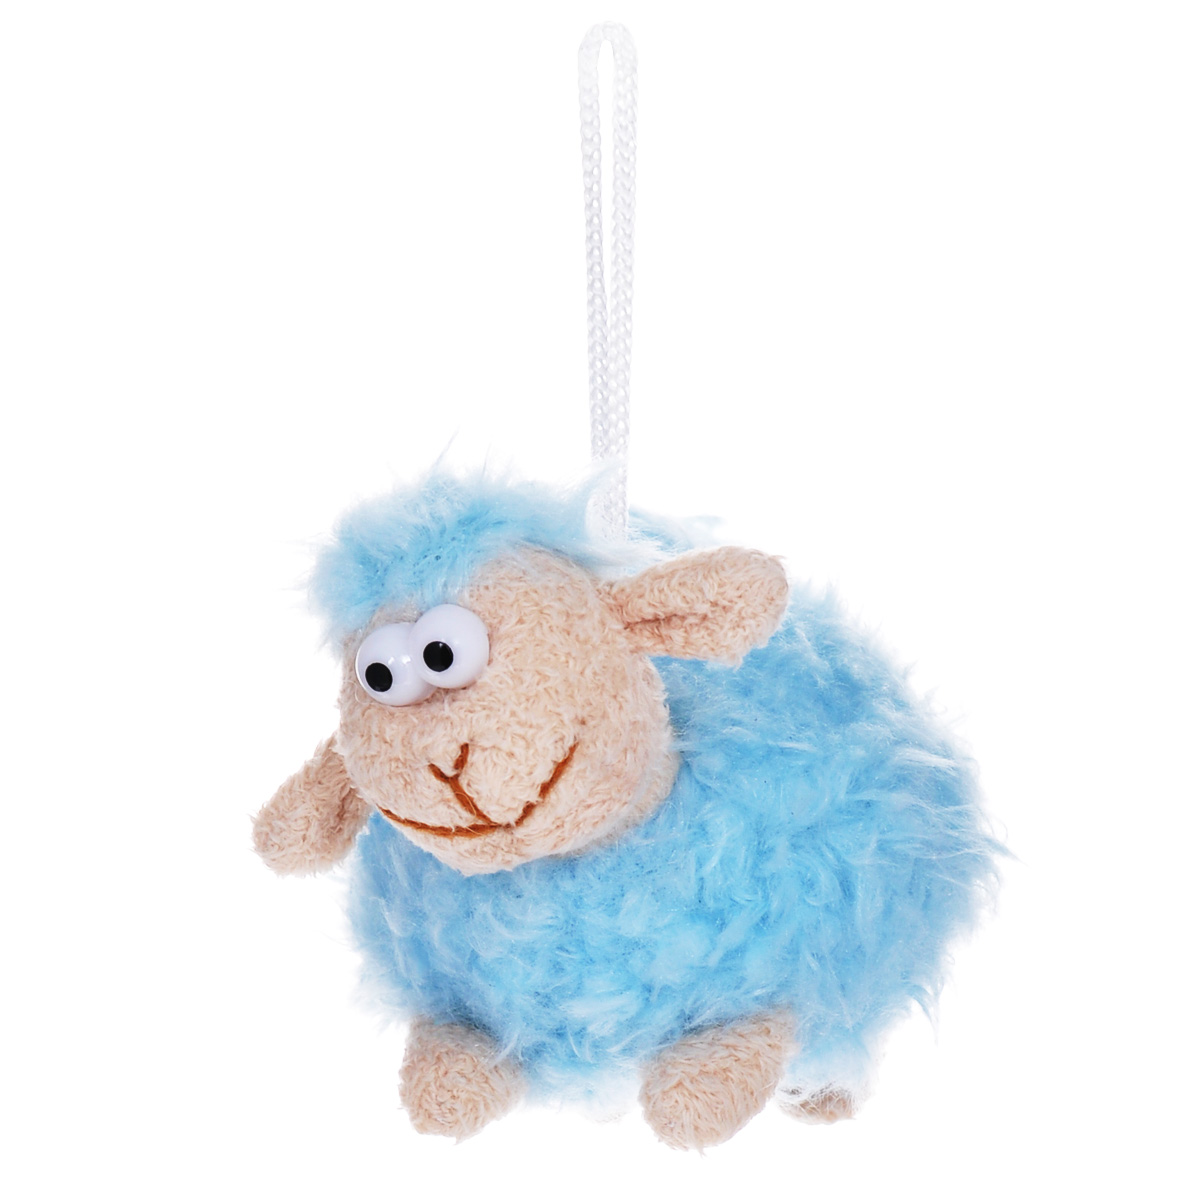 Мягкая игрушка-подвеска Sima-land Овечка, цвет: голубой, 8 см. 332801733907 красныйОчаровательная мягкая игрушка-подвеска Sima-land Овечка не оставит вас равнодушным и вызовет улыбку у каждого, кто ее увидит. Игрушка выполнена из искусственного меха и текстиля в виде забавной овечки с выпуклыми глазами. К игрушке прикреплена текстильная петелька для подвешивания. Мягкая и приятная на ощупь игрушка станет замечательным подарком, который вызовет массу положительных эмоций.Размер игрушки: 115 мм х 70 мм х 80 мм.